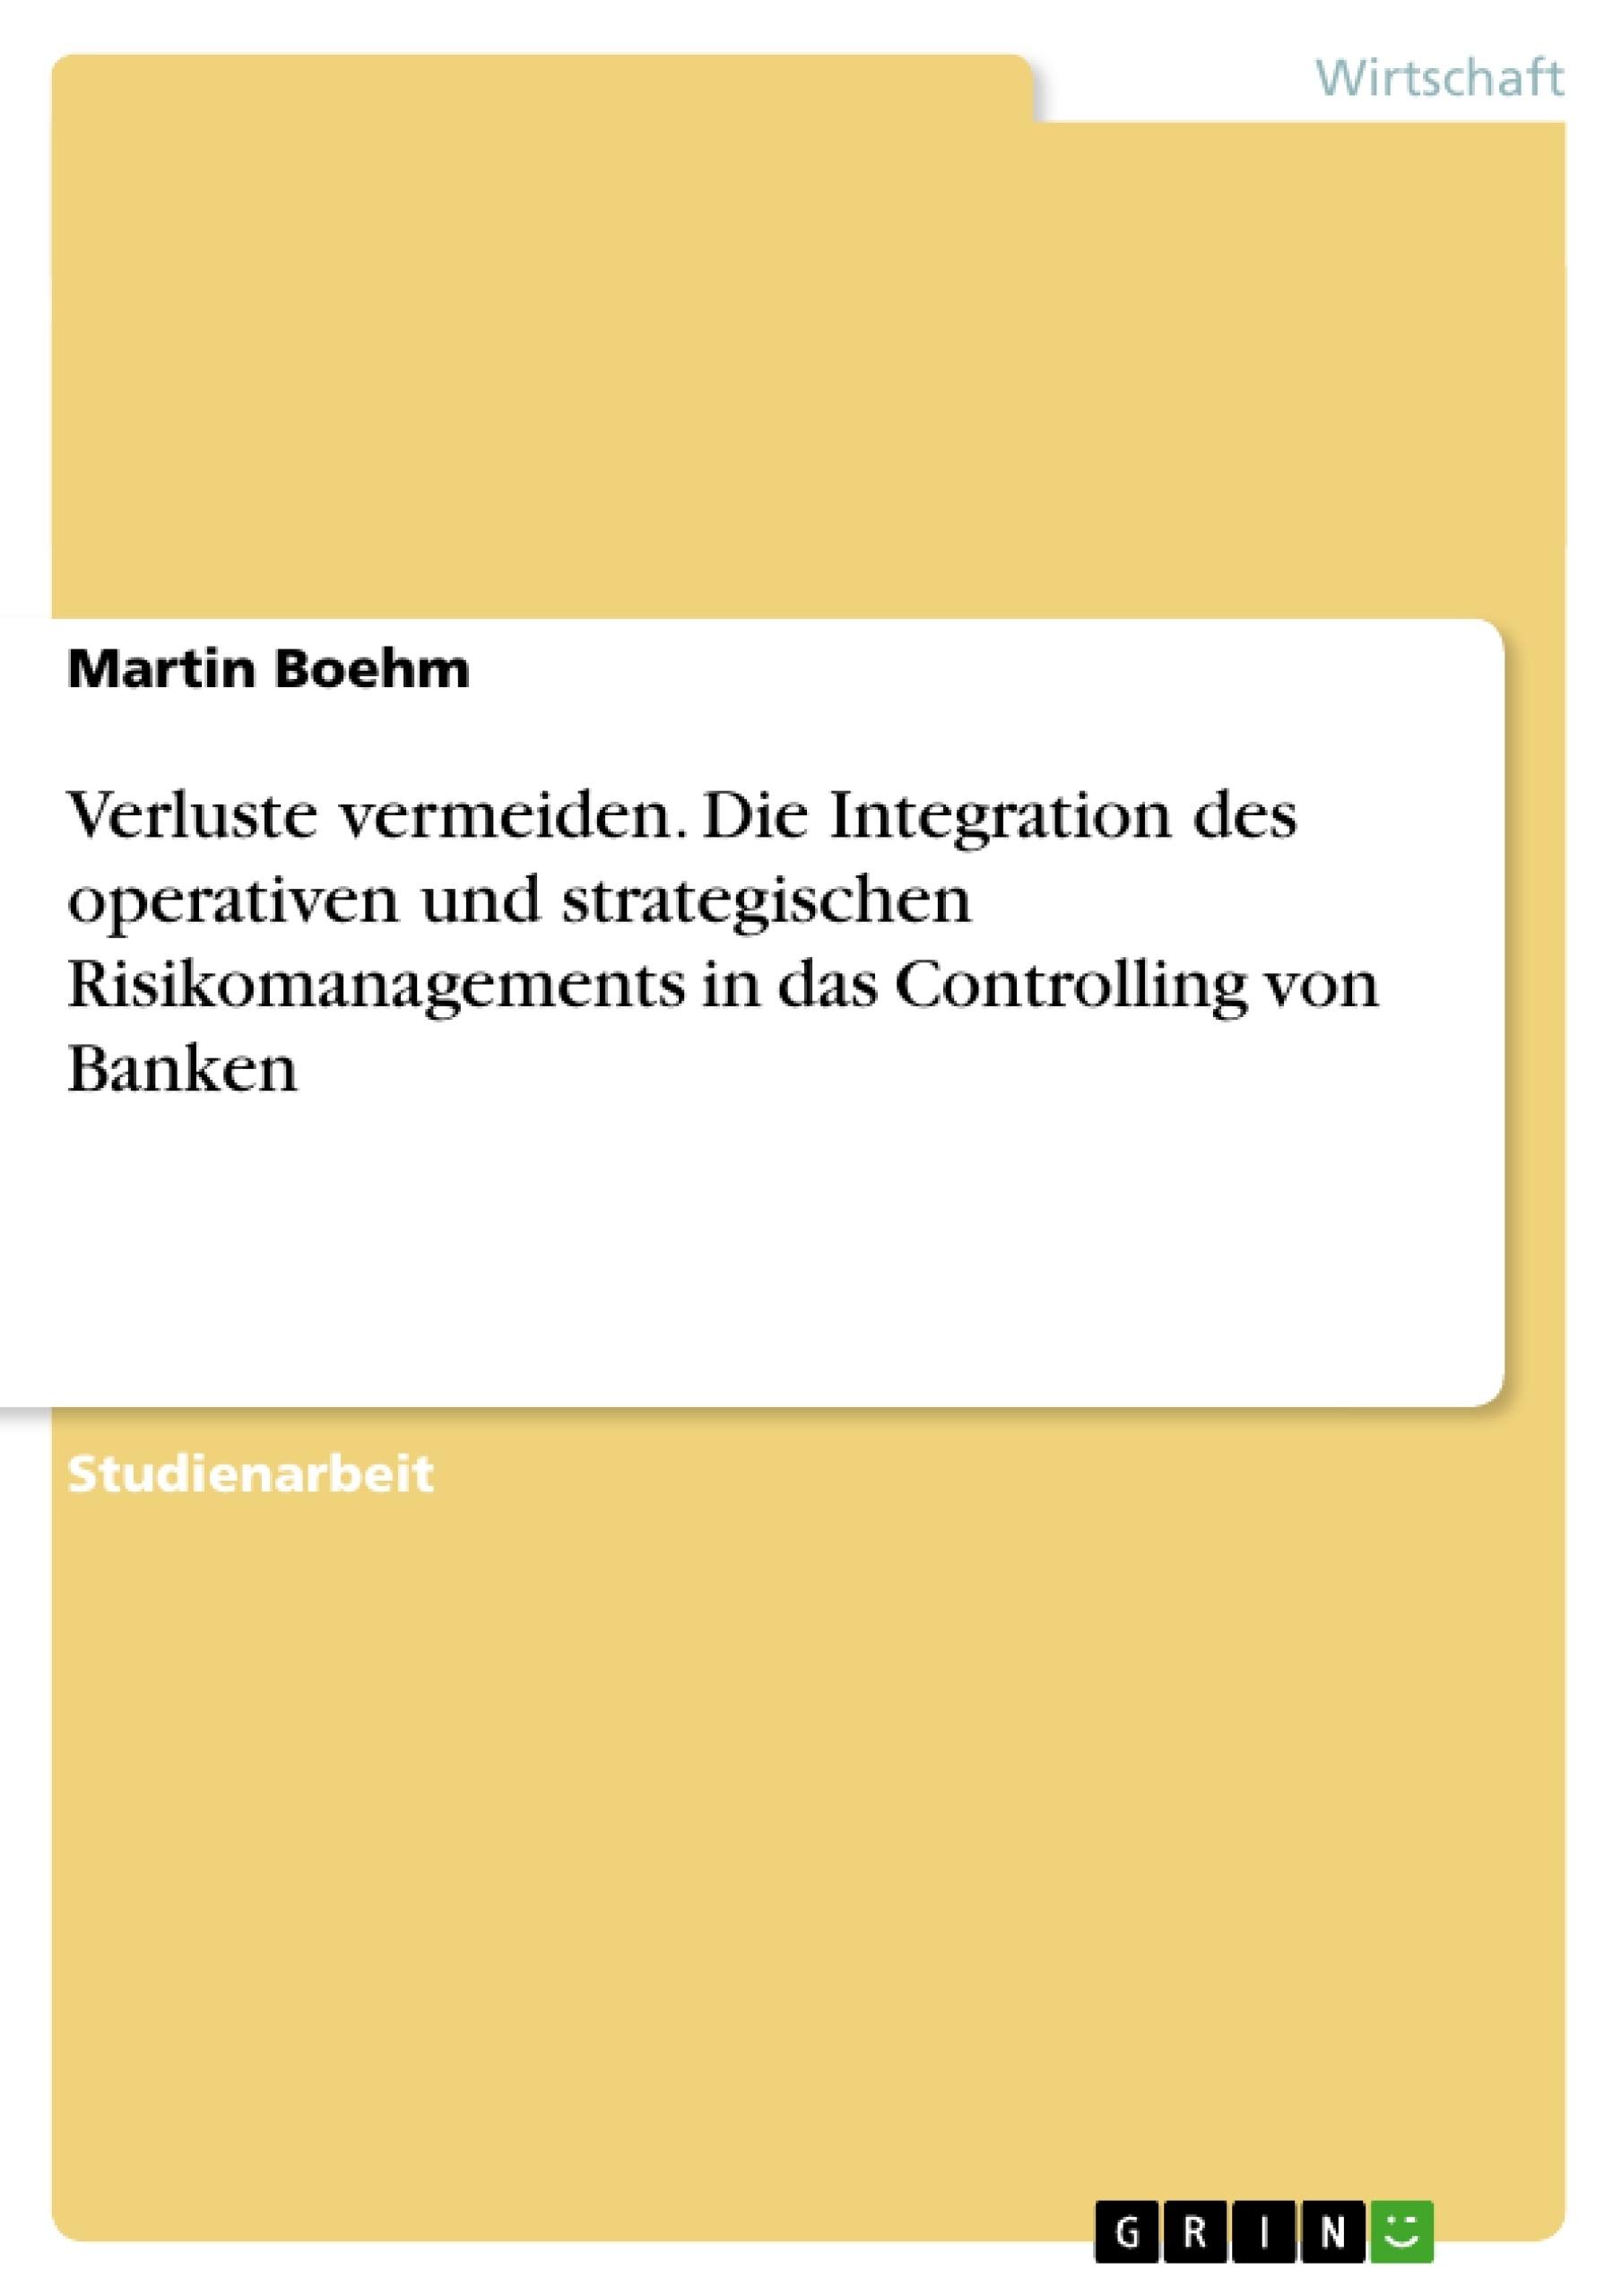 Titel: Verluste vermeiden. Die Integration des operativen und strategischen Risikomanagements in das  Controlling von Banken